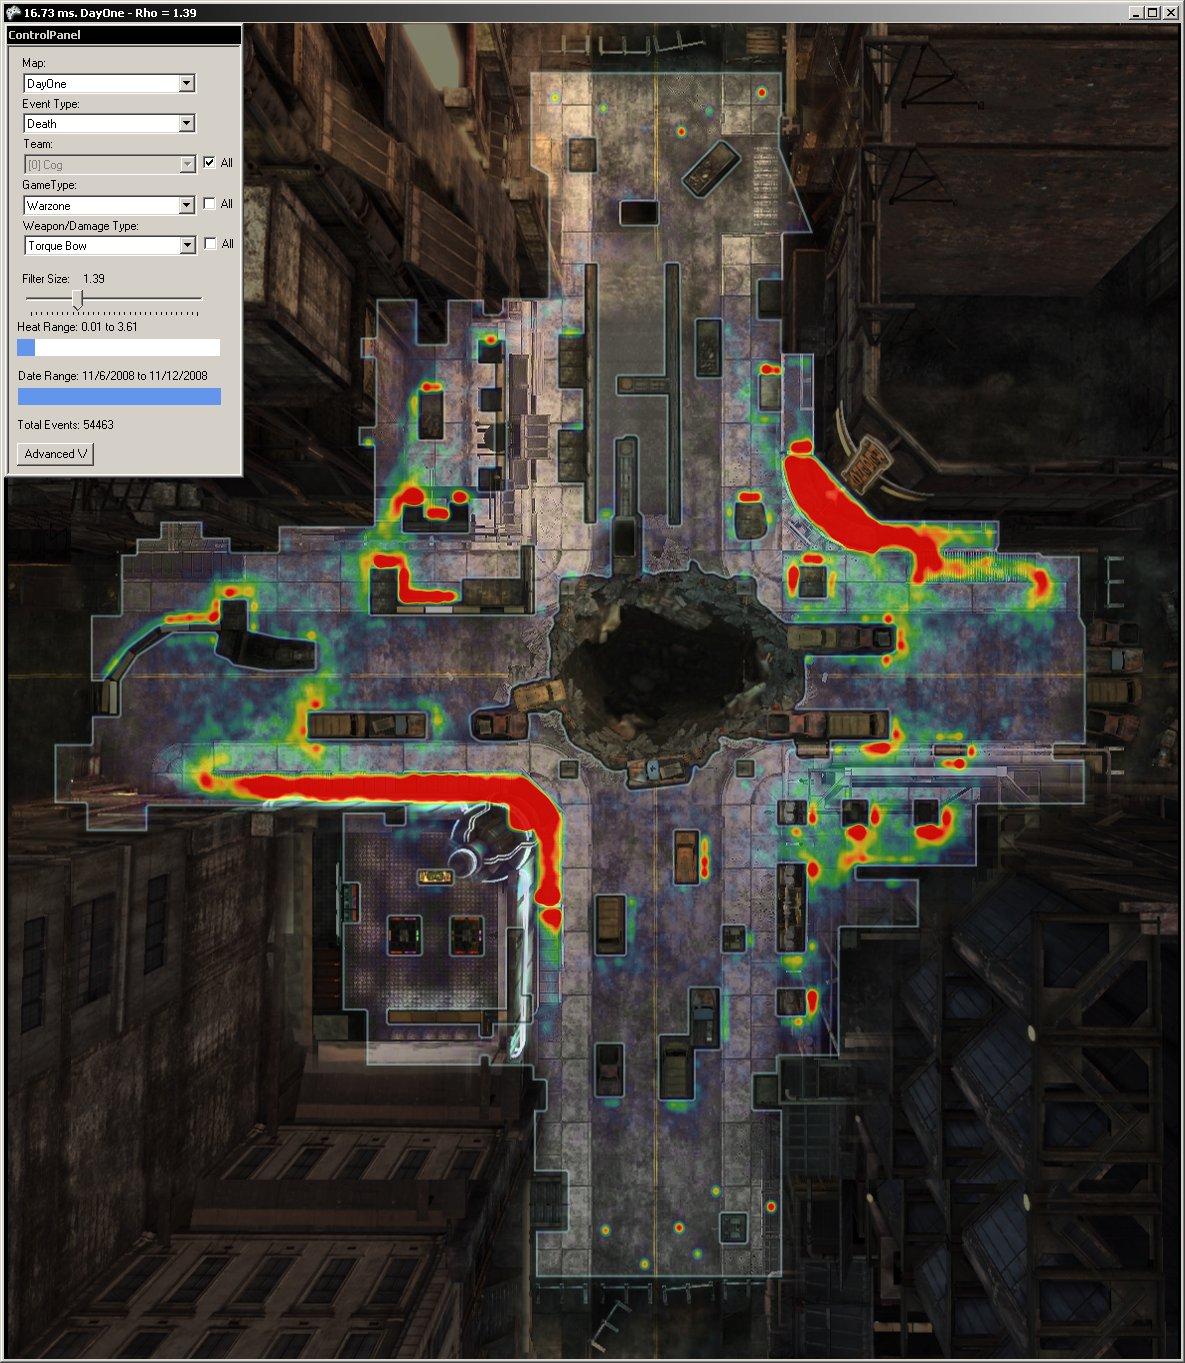 マップ上で死亡率の高いところを赤く表示した図(ヒートマップ)。開発サイドとしては、こうした情報を、ゲームバランスの調整やマップの再設計に活用することになる